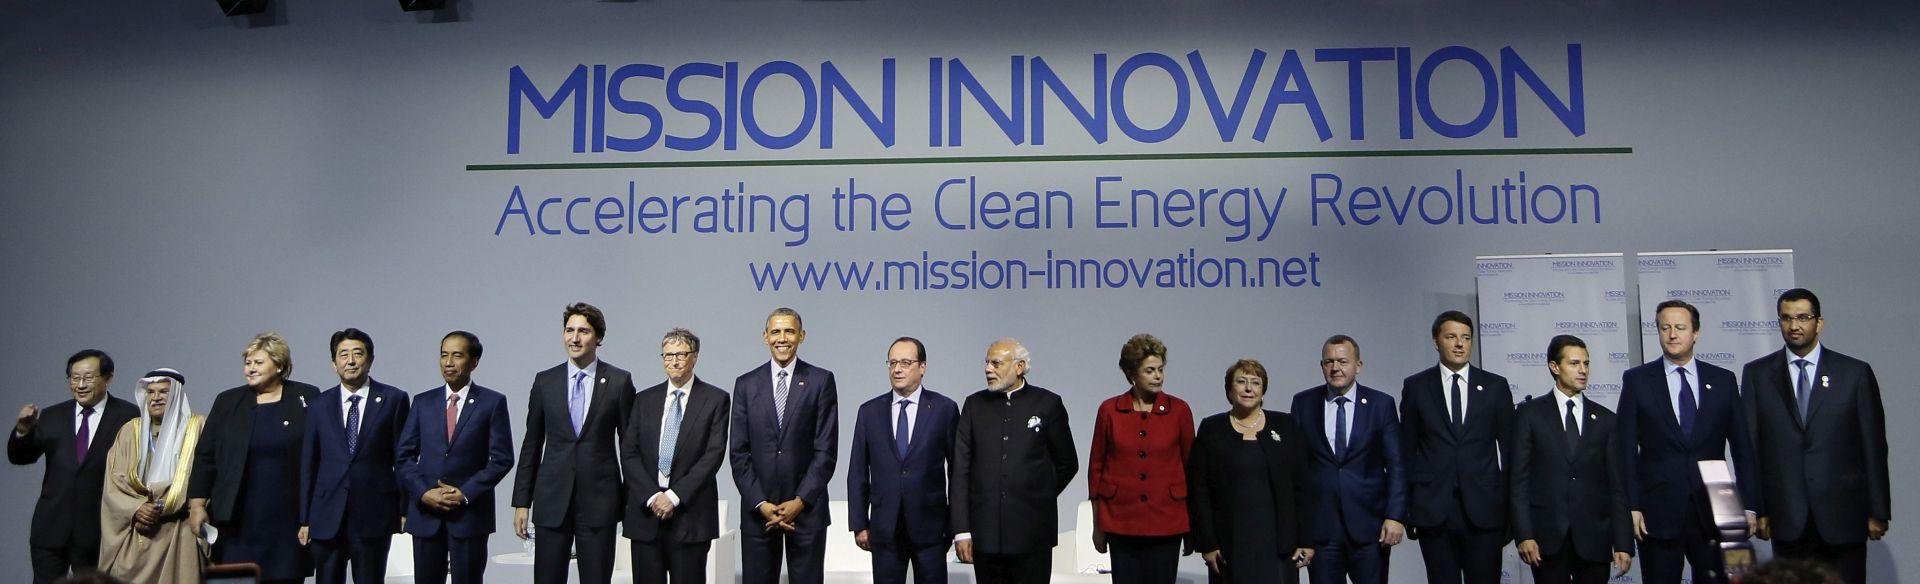 HITNA AKCIJA: Na summitu o klimi jednoglasni pozivi za spas planeta i prva neslaganja